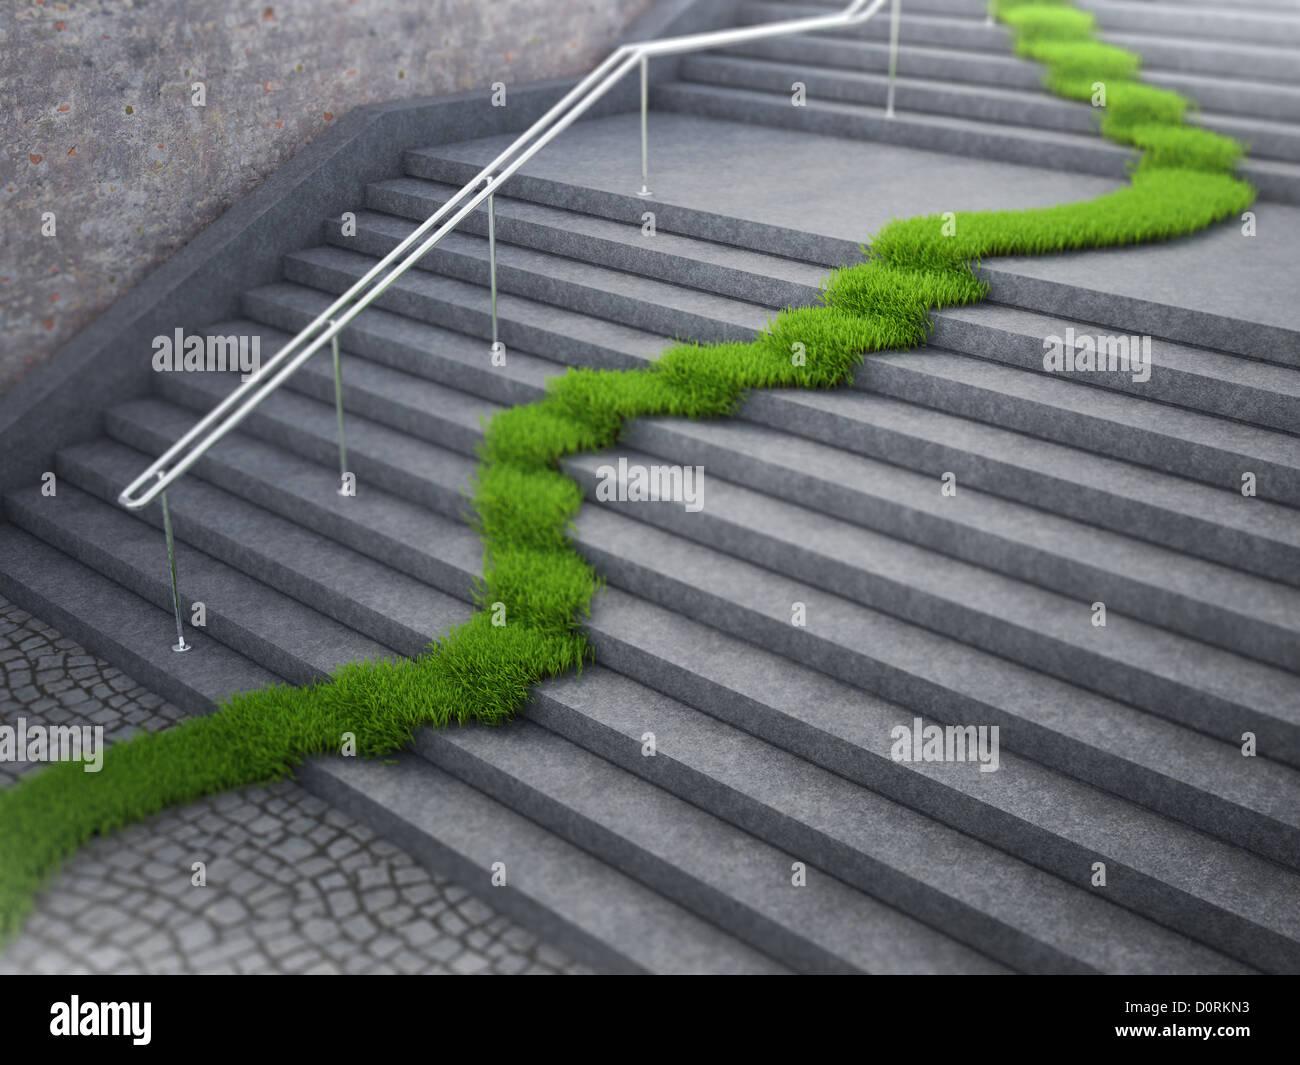 Urbane Ökologie-Konzept Stockbild